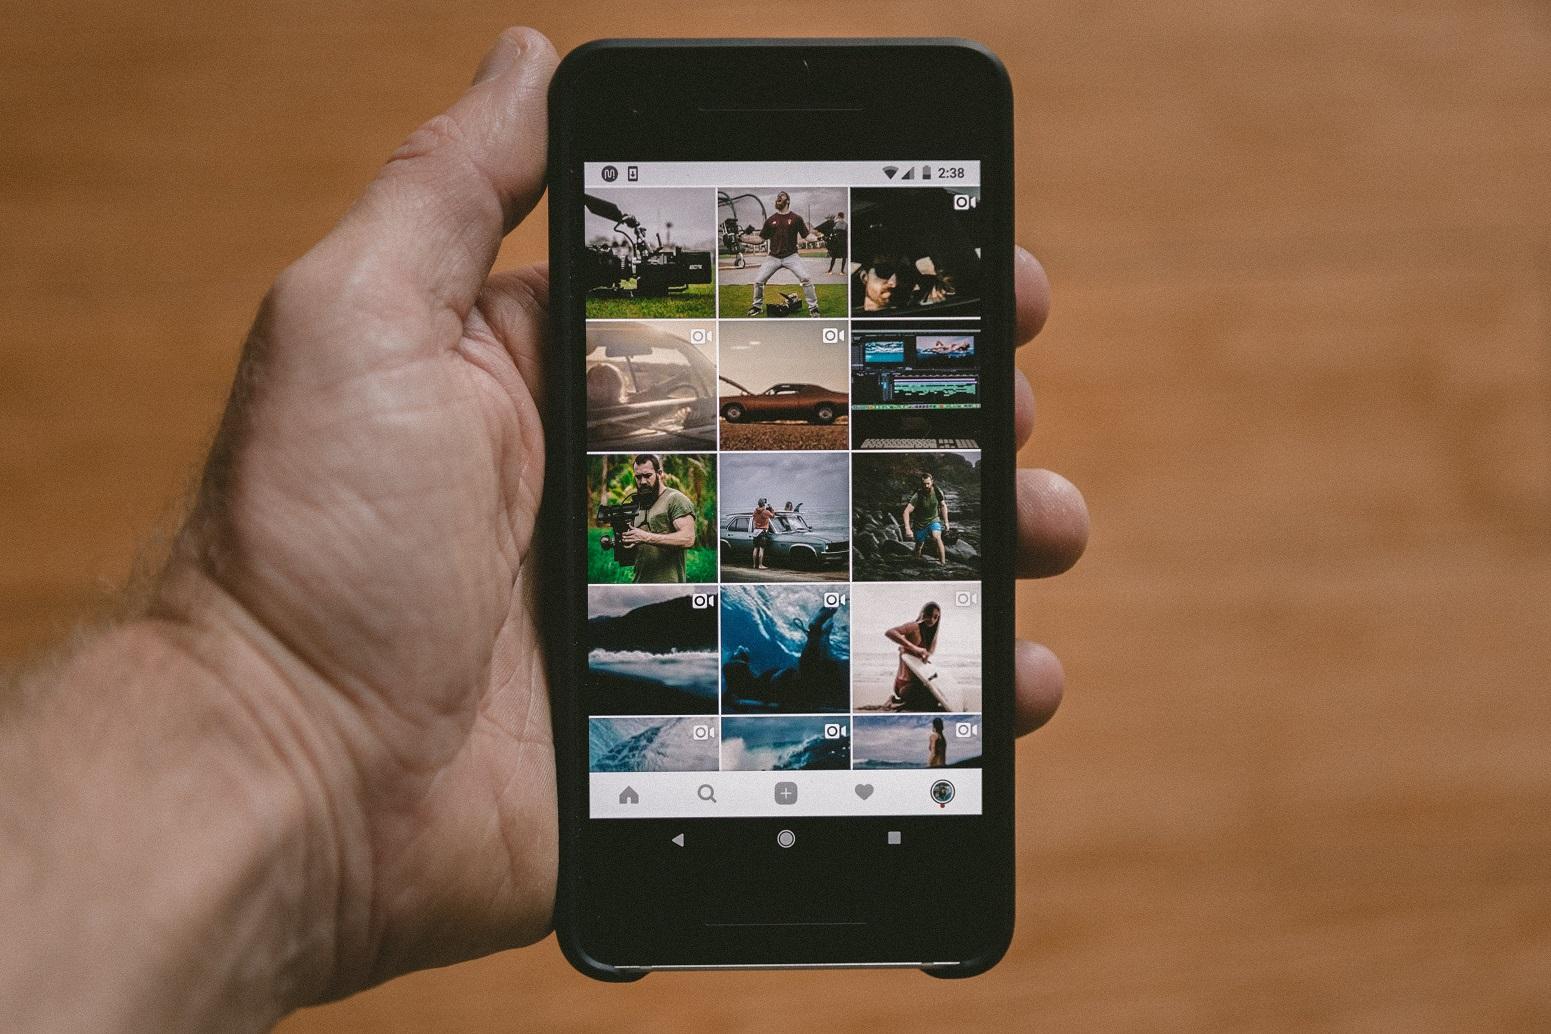 Eine Hand hält ein Handy, geöffnet ist die Instagram-App. In diesem Beitrag wird erklärt, wie der Algorhitmus funktioniert.